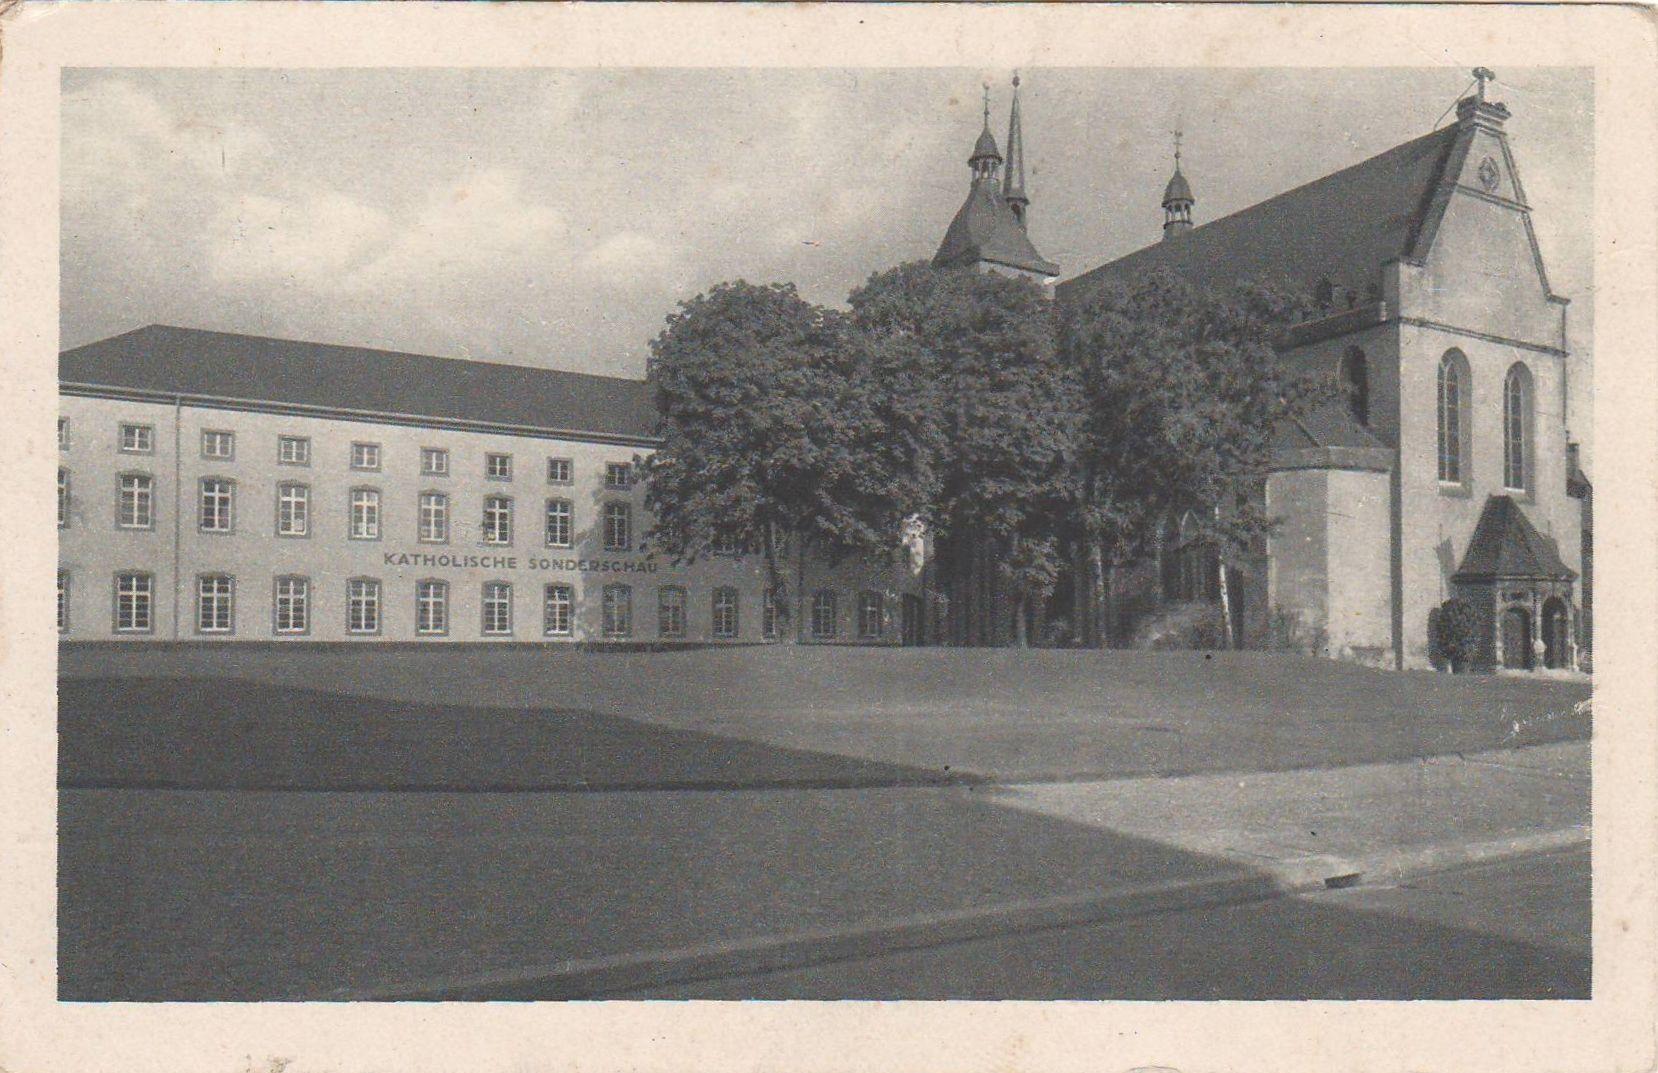 Katholische Sonderschau auf der Pressa, Köln (The Catholic Special Exhibition at the Pressa Exhibition, Cologne), 1927-28 (Photo: August Sander)